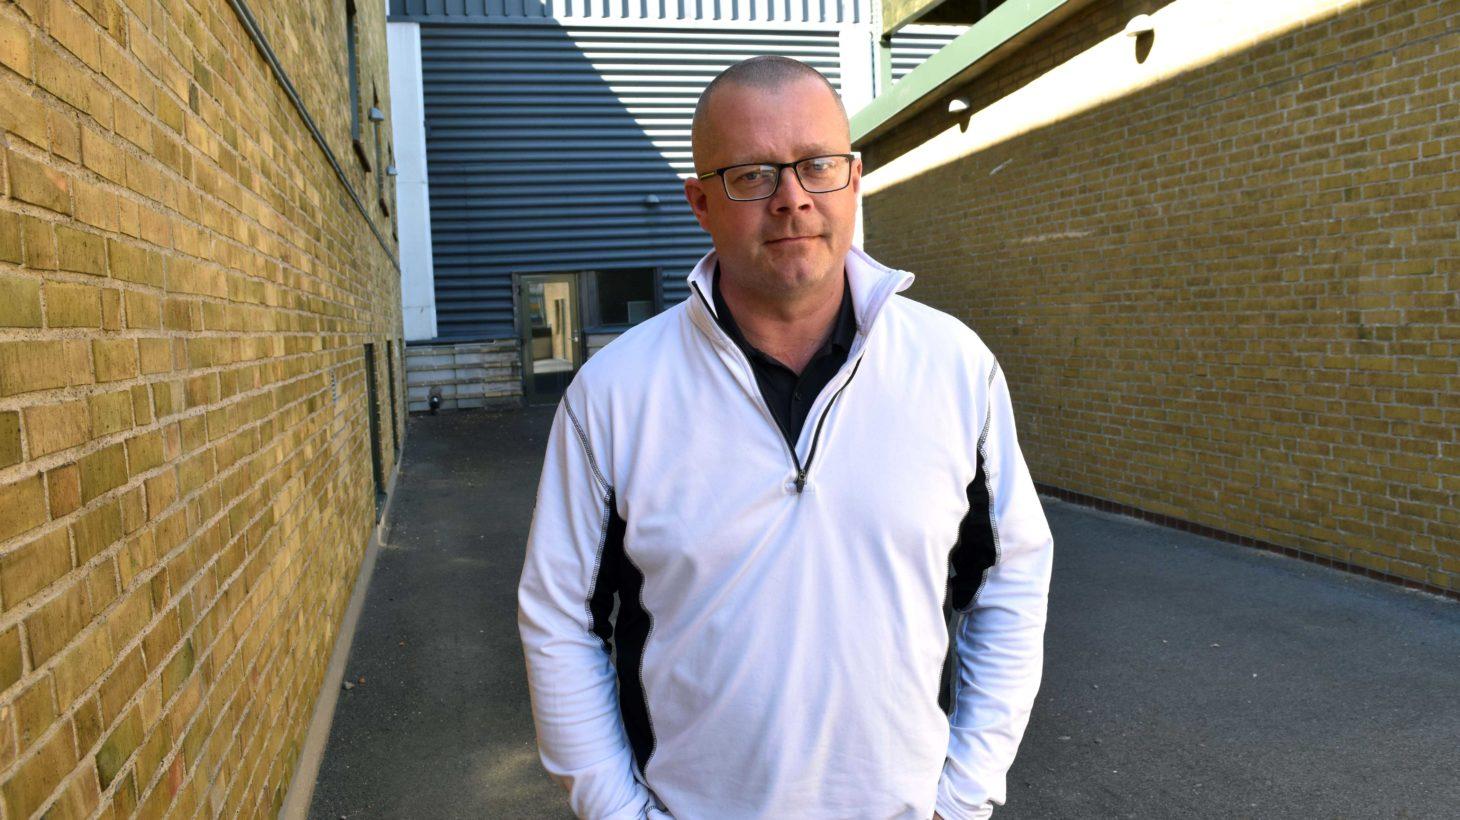 Mikael Svensson, koordinator på Malmö lärlingscenter, står utanför skolbyggnaden.